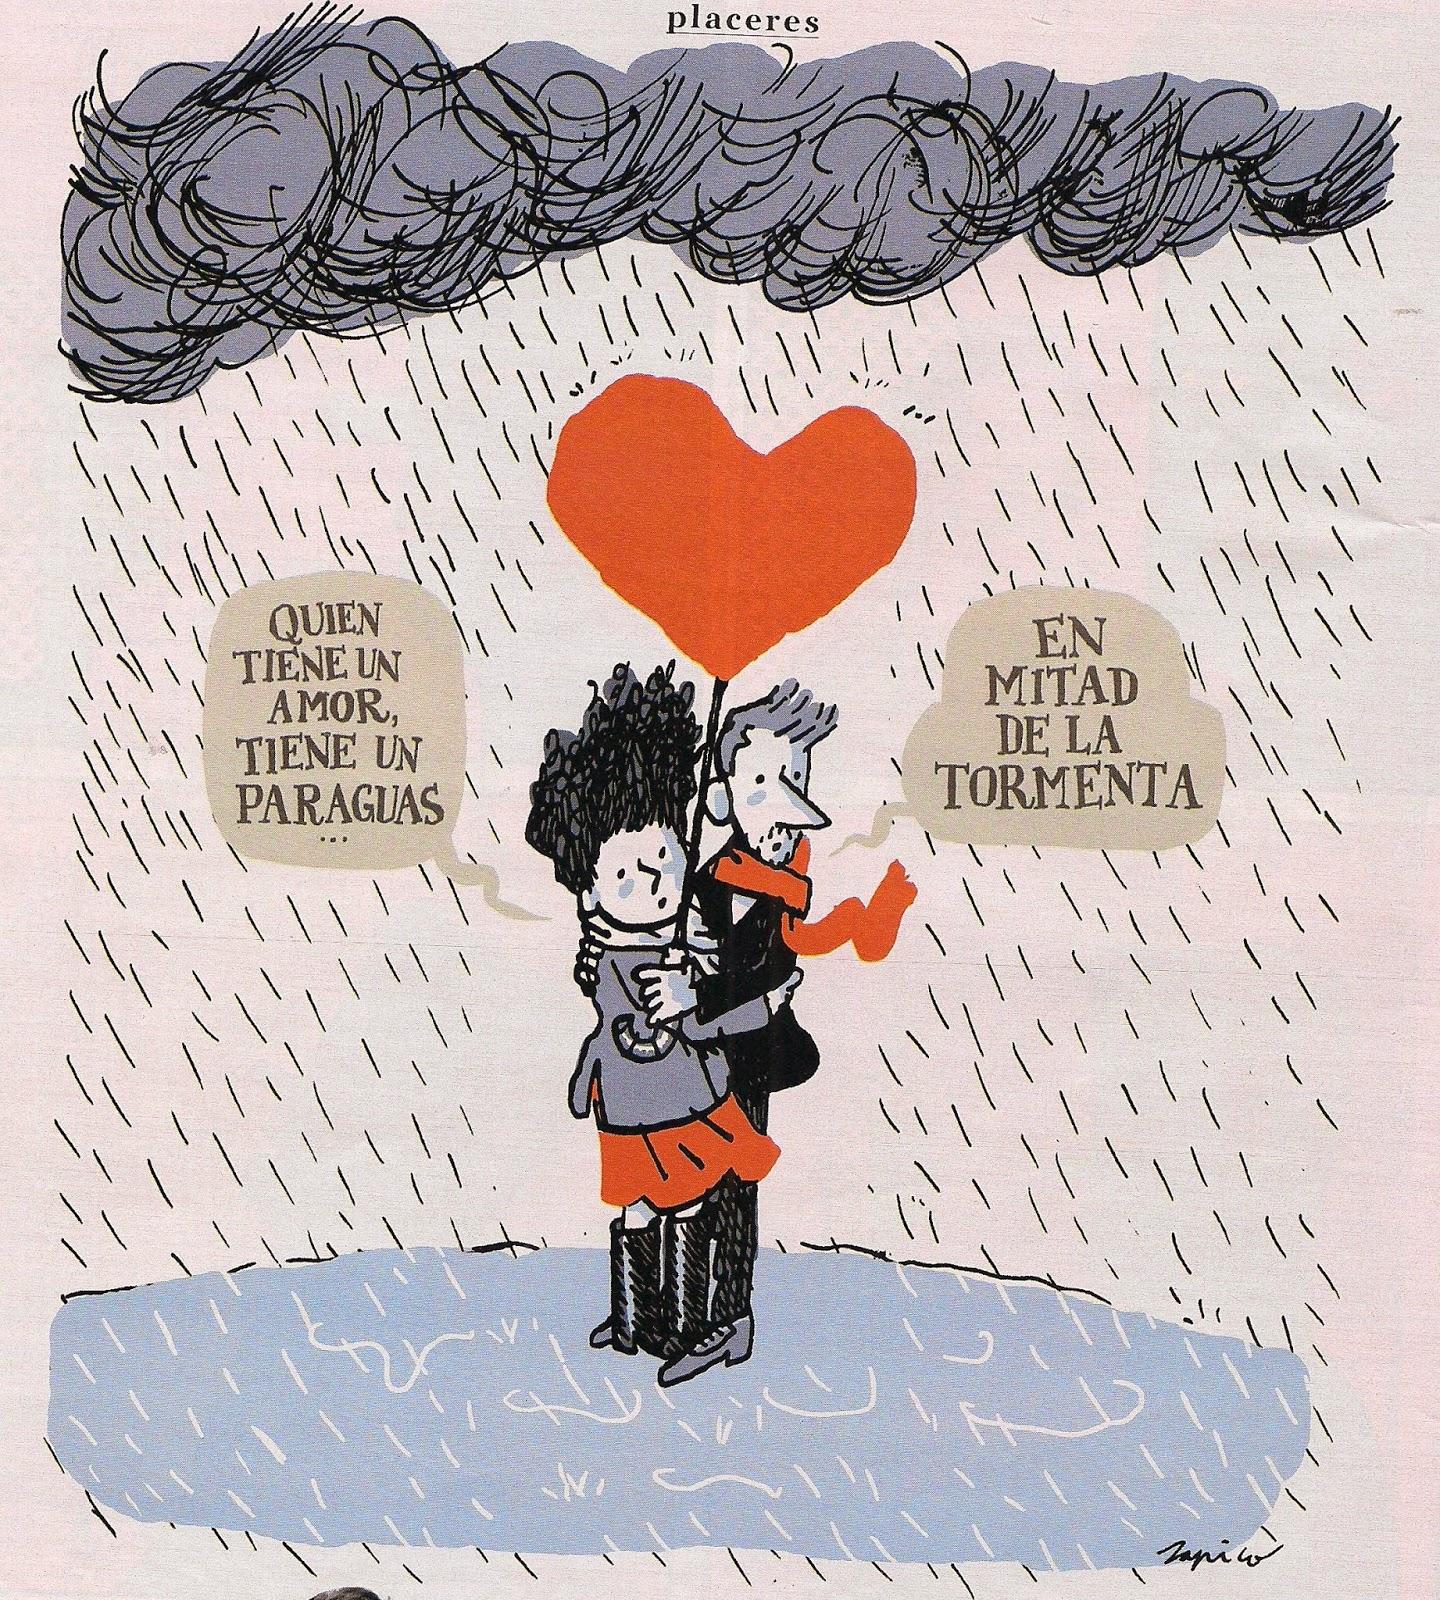 Paraguas Del Amor Amor Tiene un Paraguas en